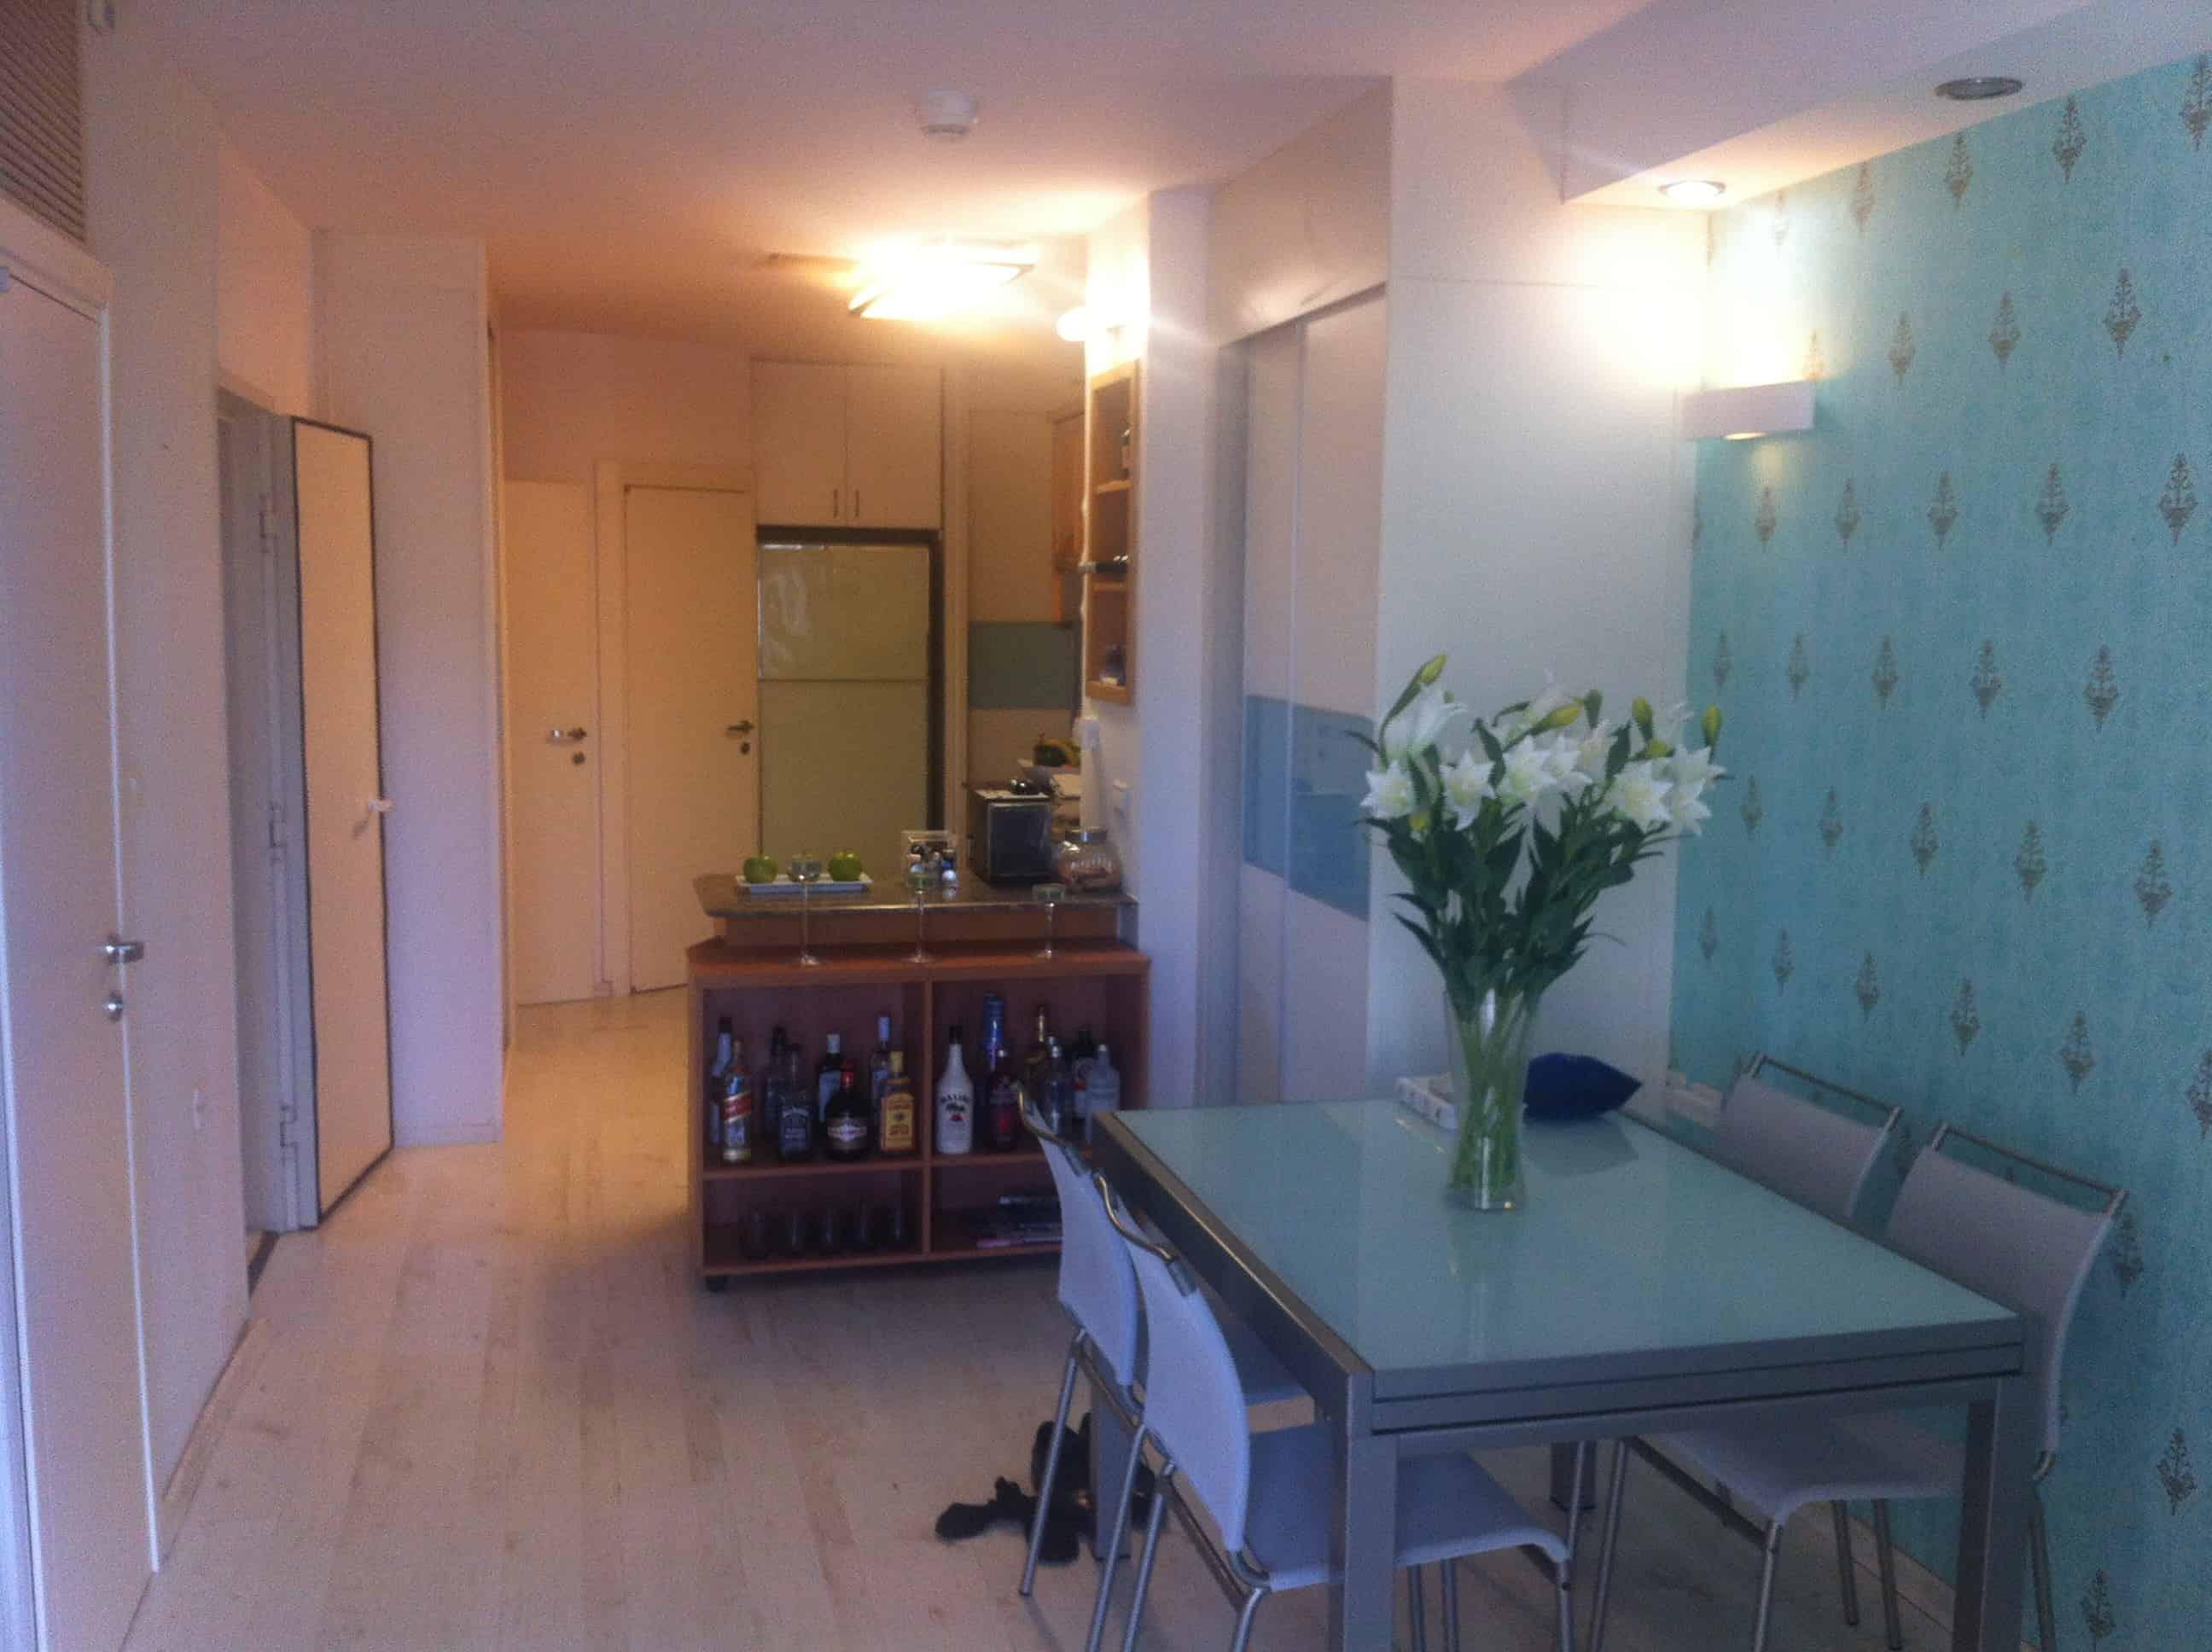 מתוחכם דירה דירות למכירה בכפר הים | קיסר ניהול נכסים XR-79